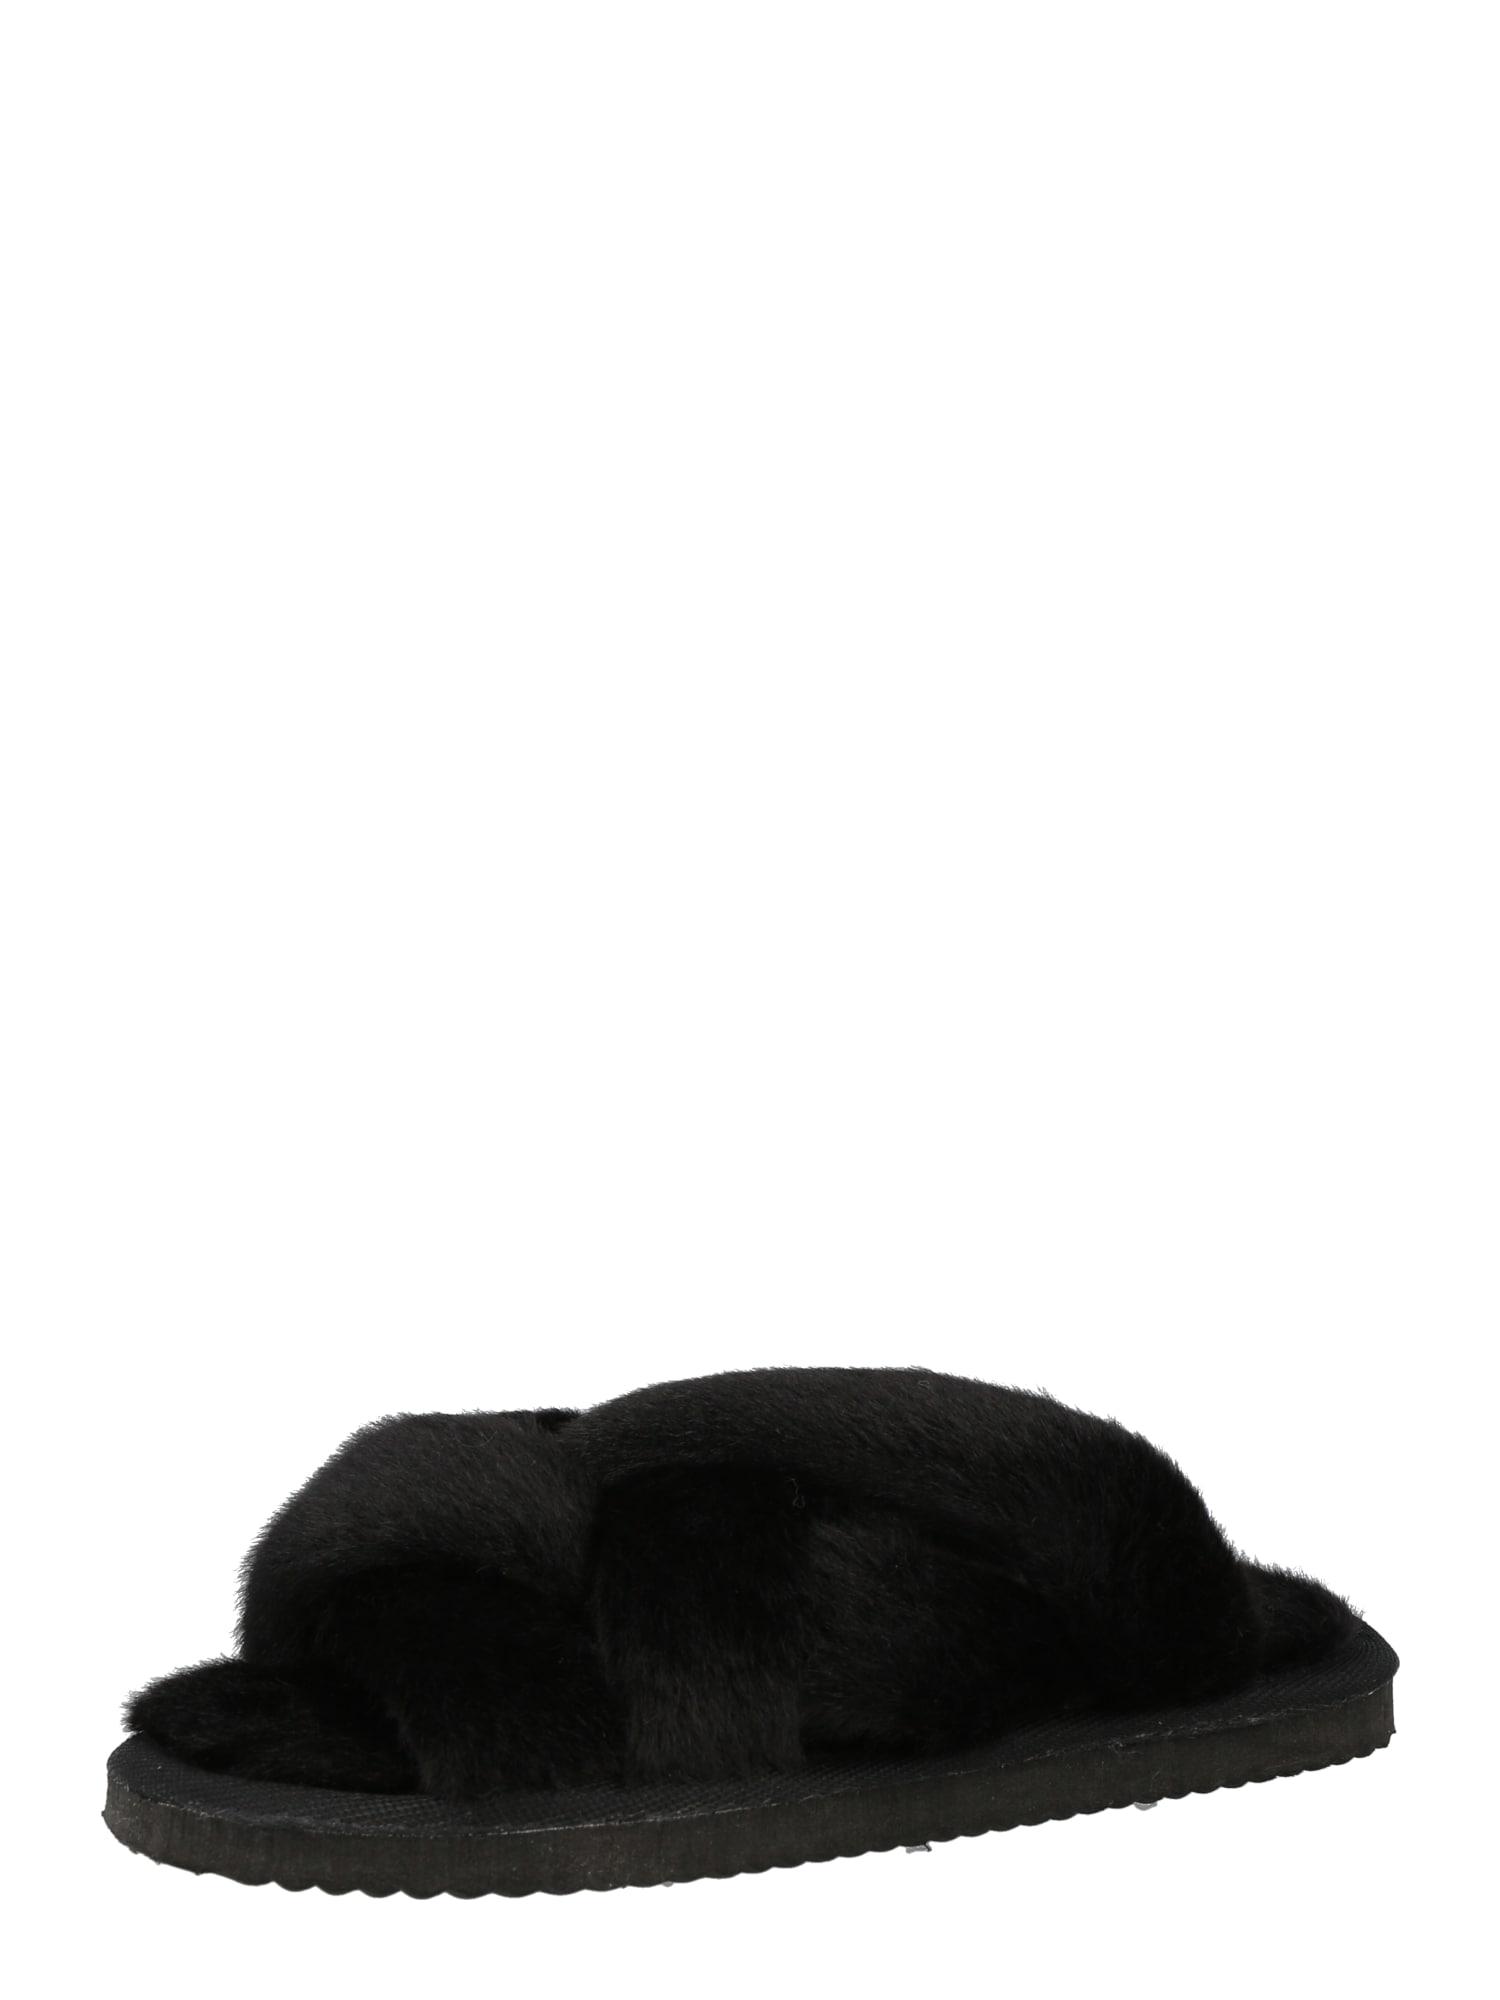 FLIP*FLOP Pantoufle  - Noir - Taille: 39 - female